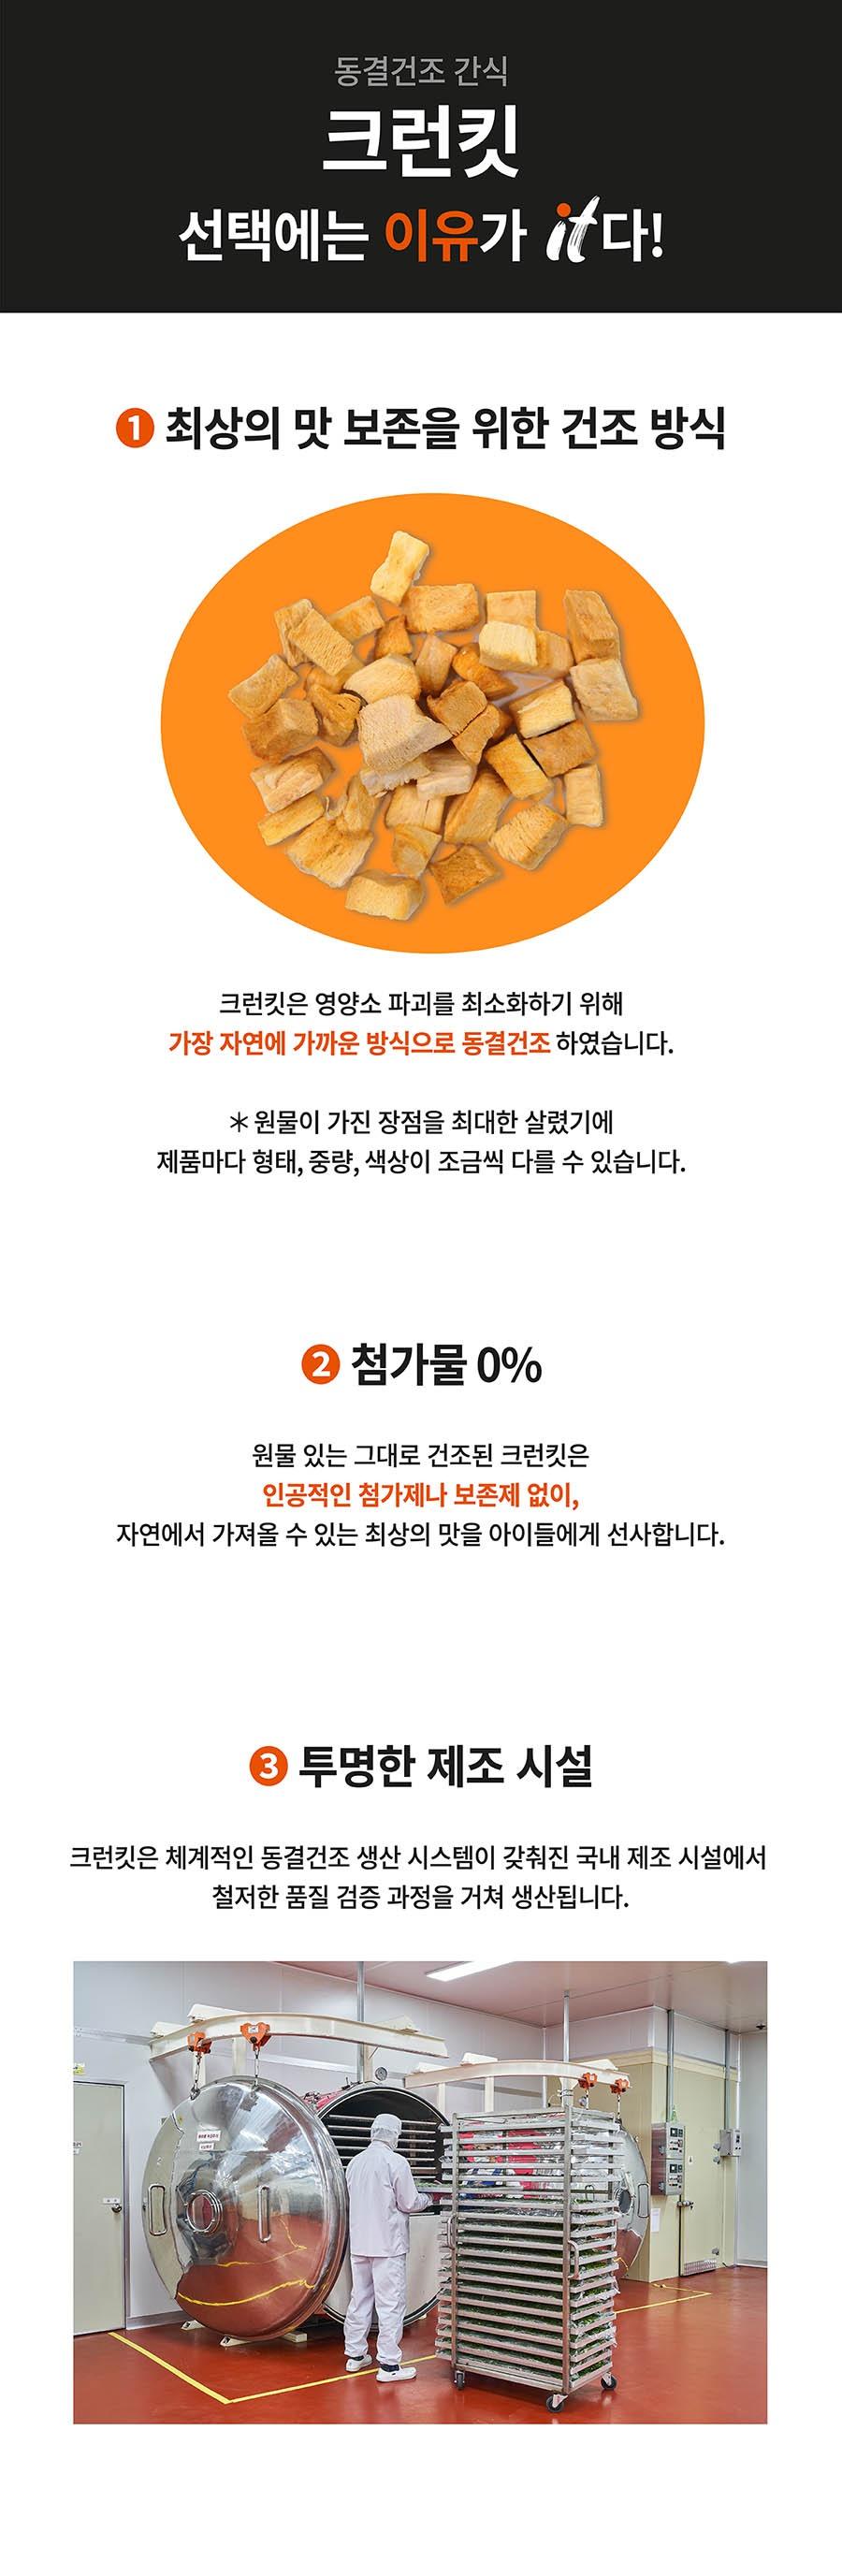 it 크런킷 레어프로틴 (열빙어/캥거루/상어순살/말고기/껍질연어)-상품이미지-14